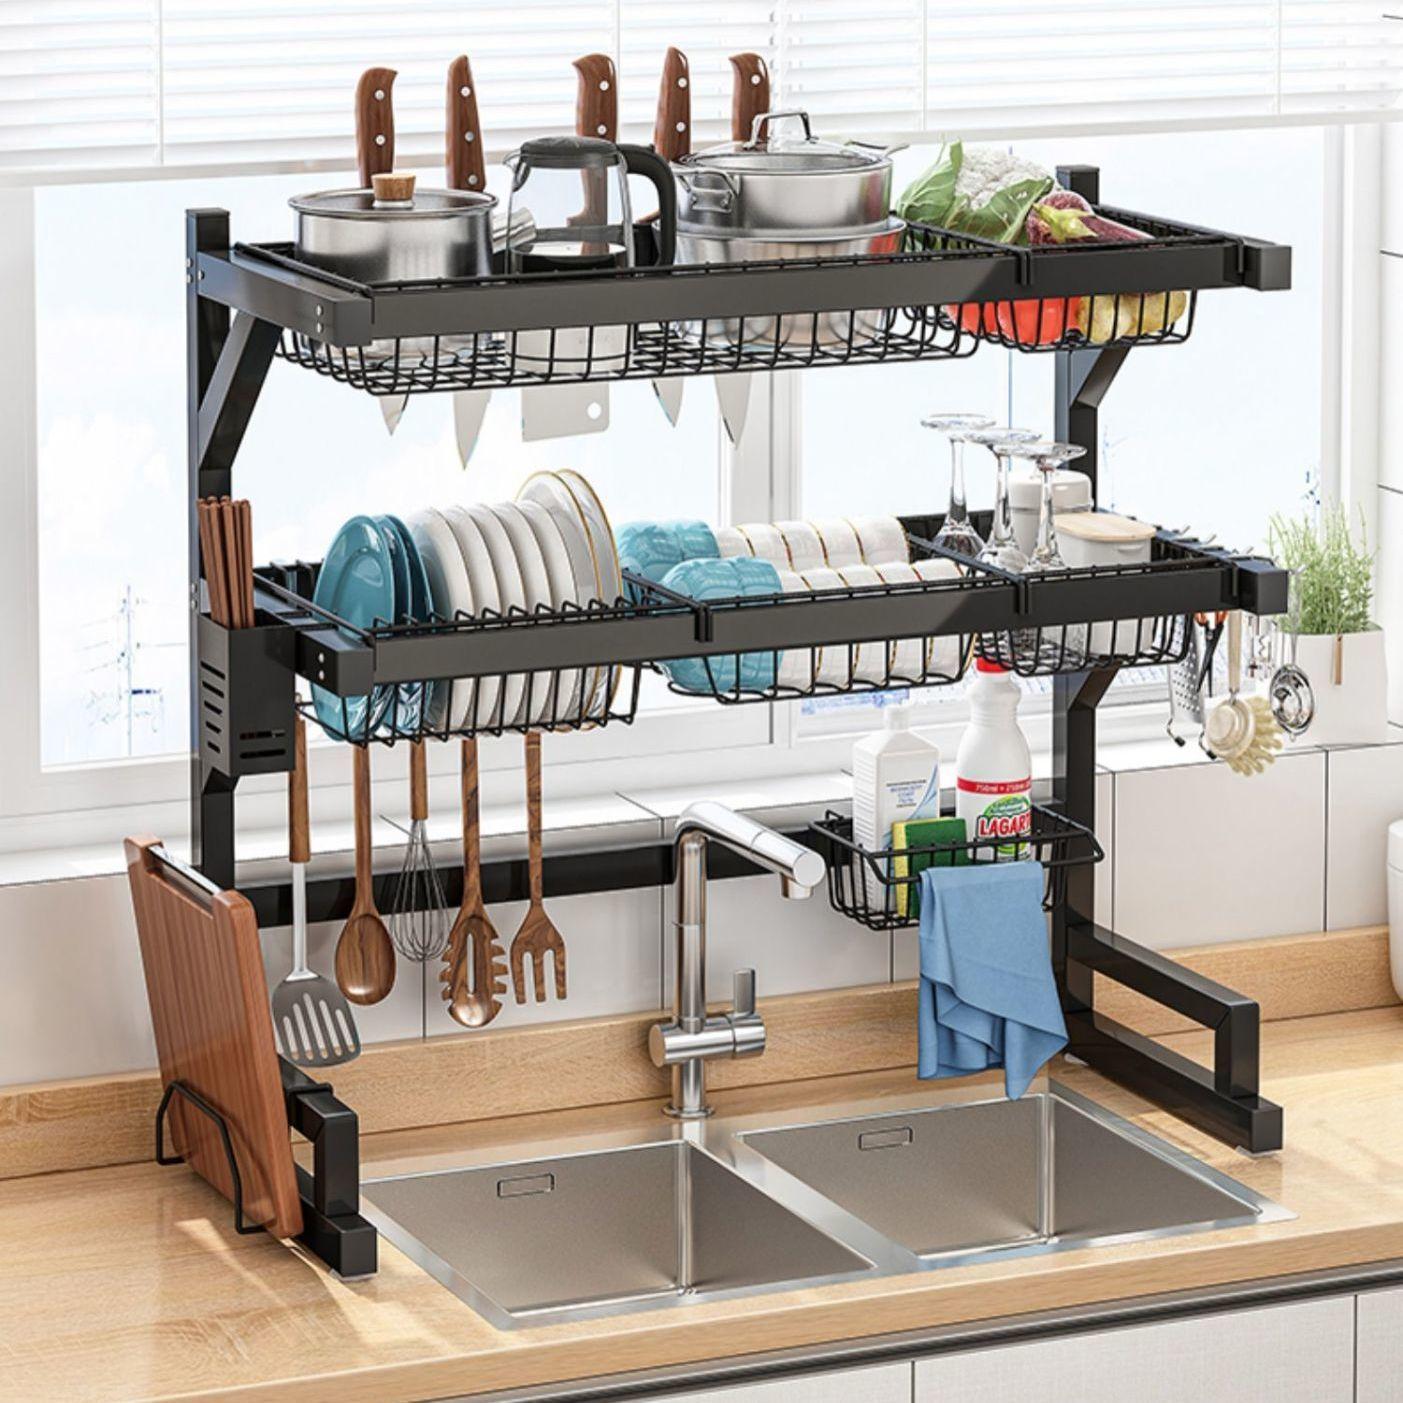 厨房水槽置物架多功能碗盘收纳架家用台面碗碟架水池上碗碟沥水架